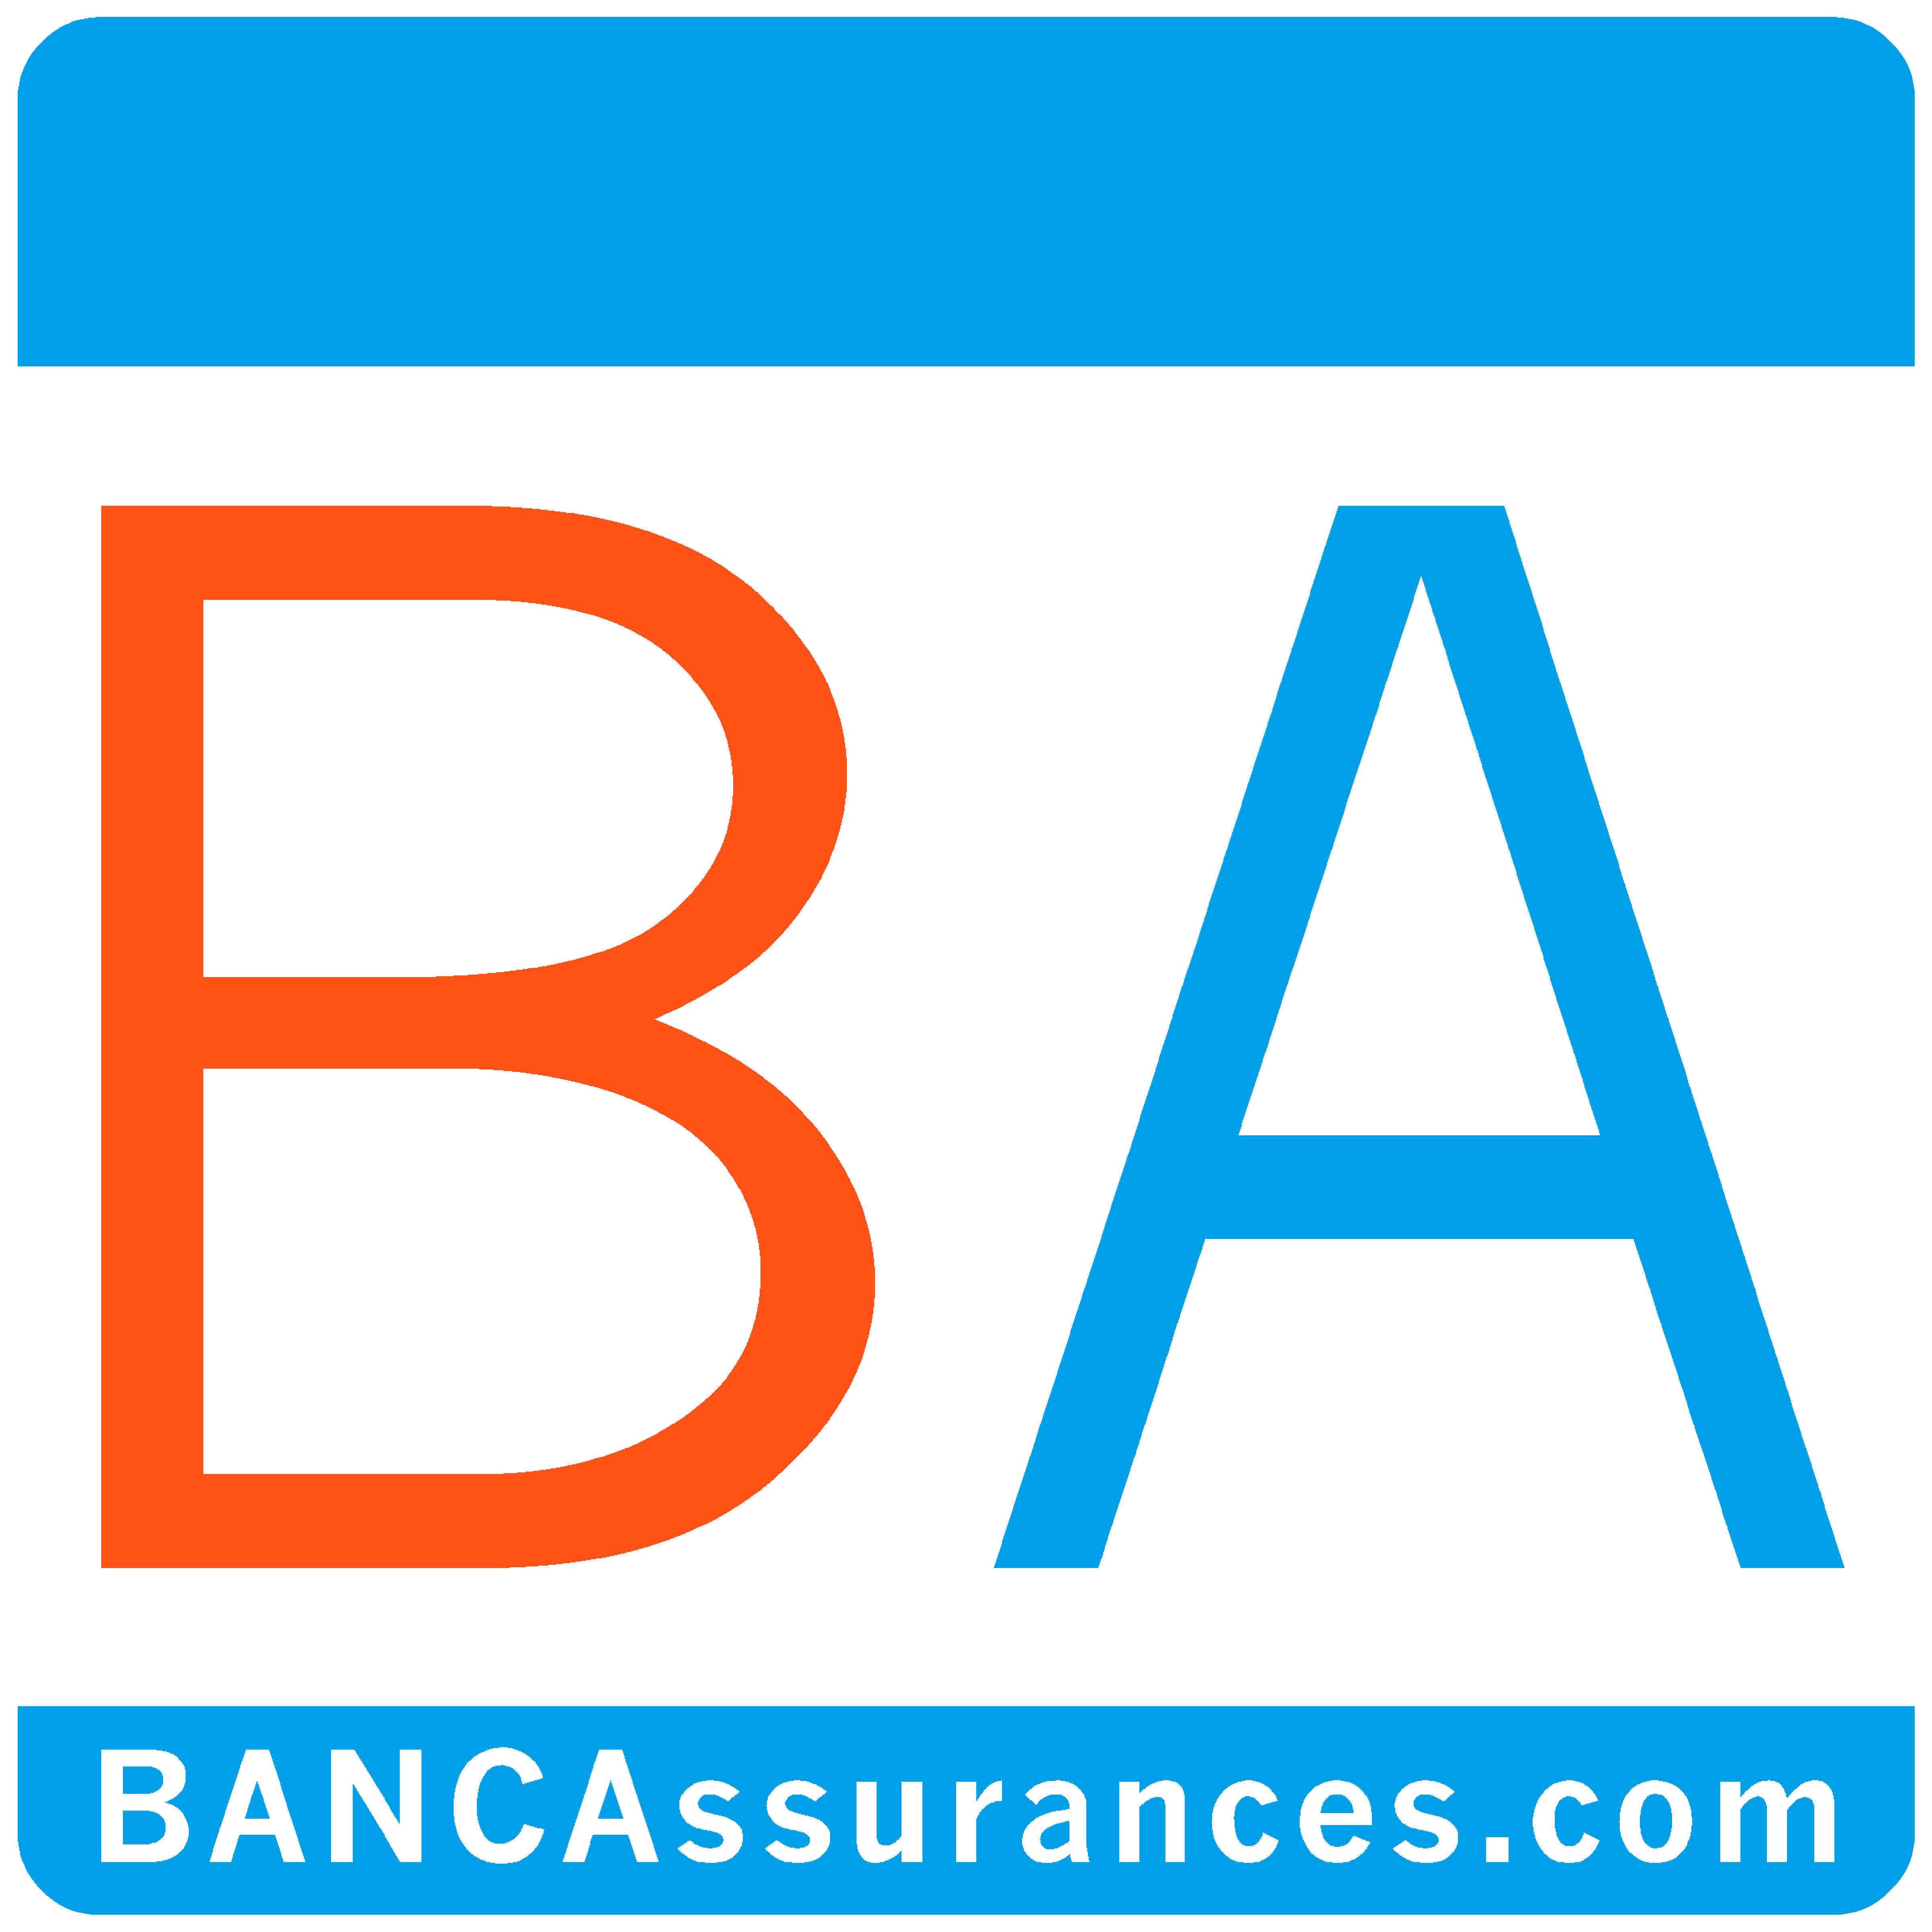 Bancassurances